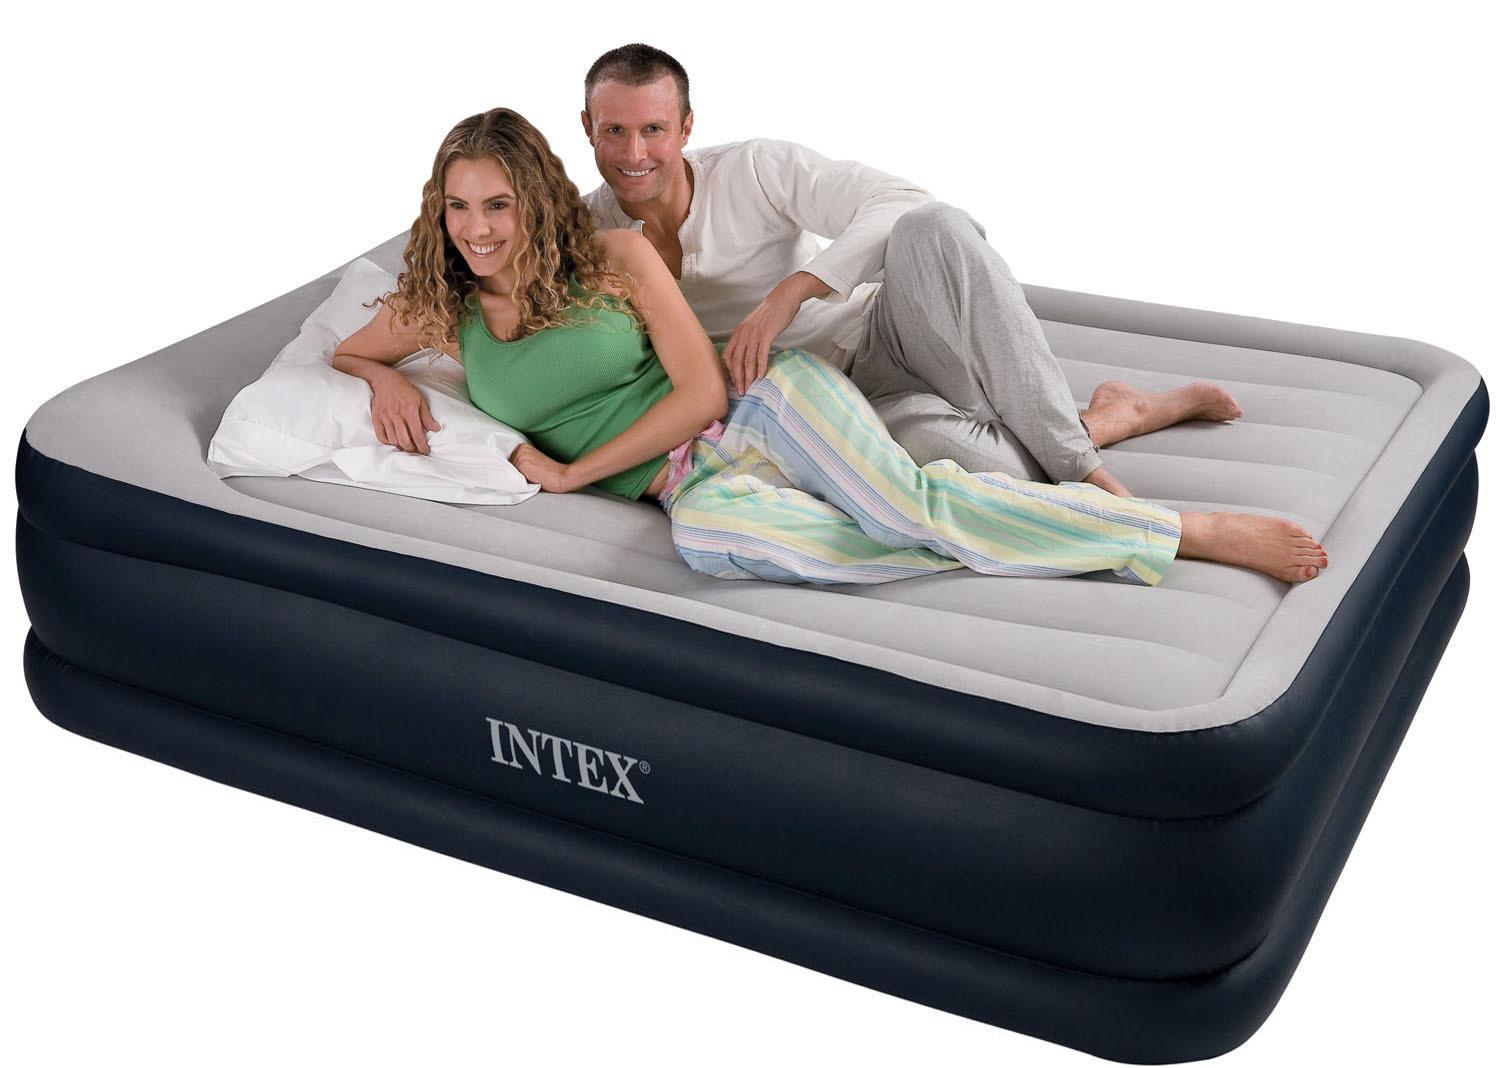 Intex Deluxe Queen Size Comfort Pillow Rest Raised ...